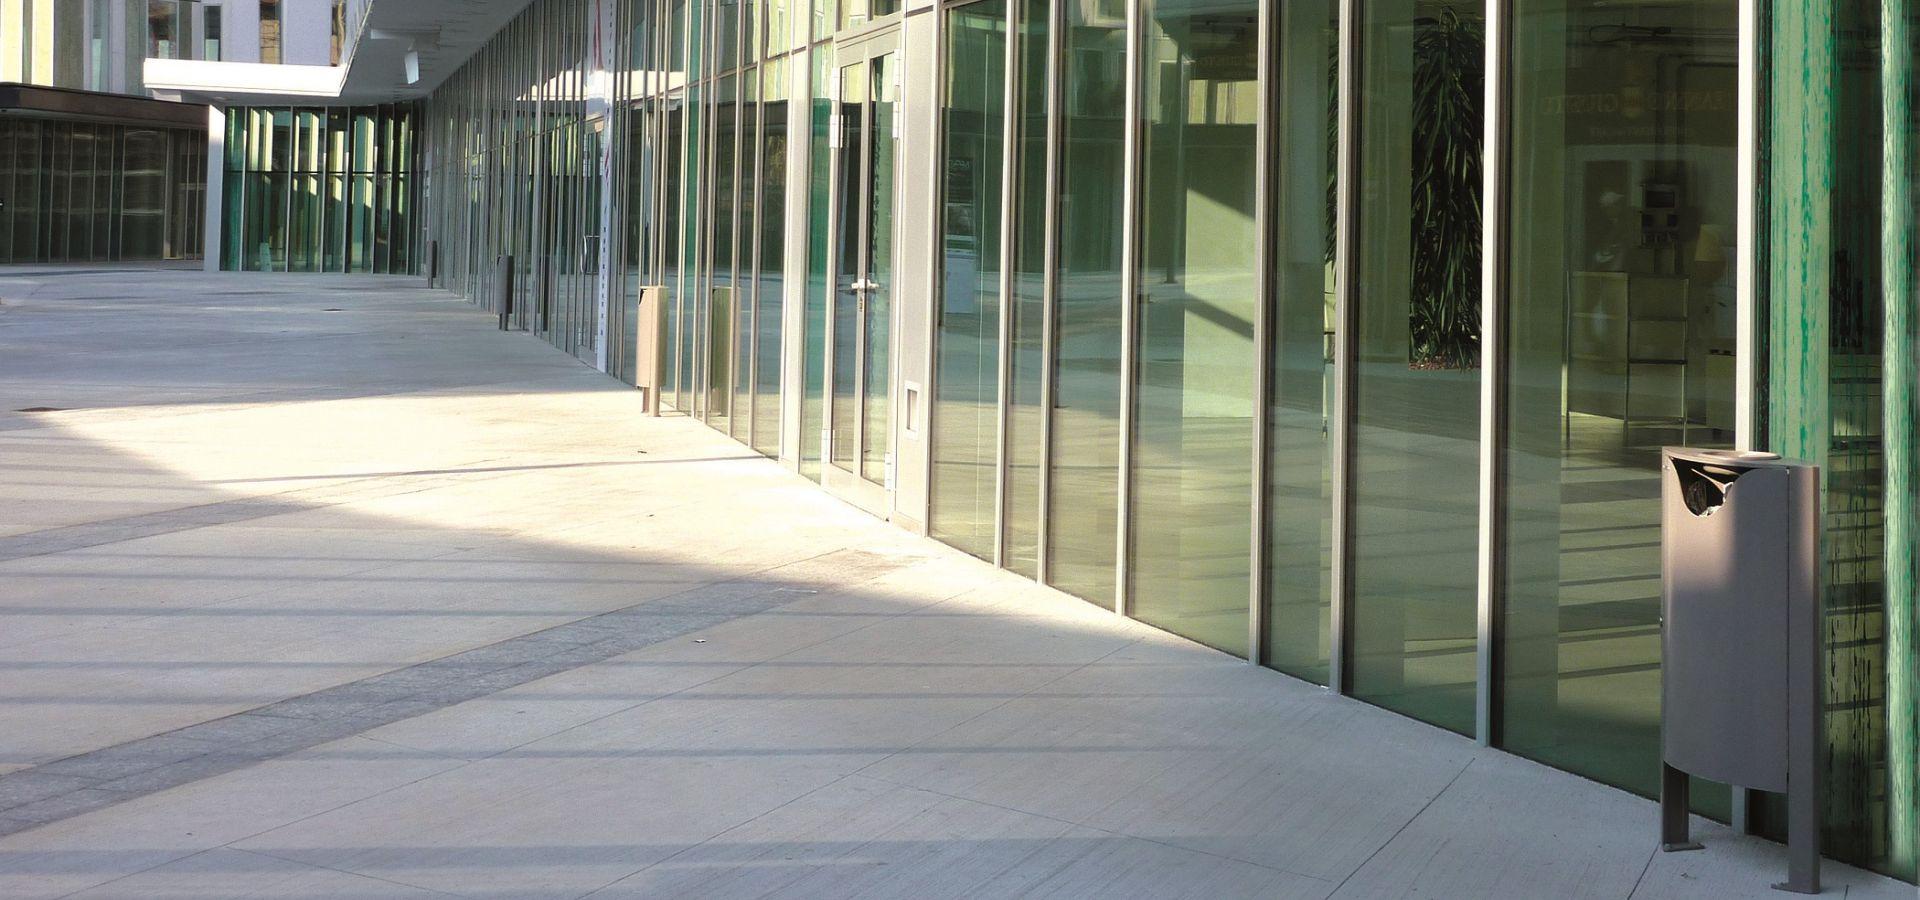 LANCILLOTTO Corbeille Mobilier Urbain acier corten inox cendrier Mobilier de Collectivité Centres Commerciaux Fabricant METALCO